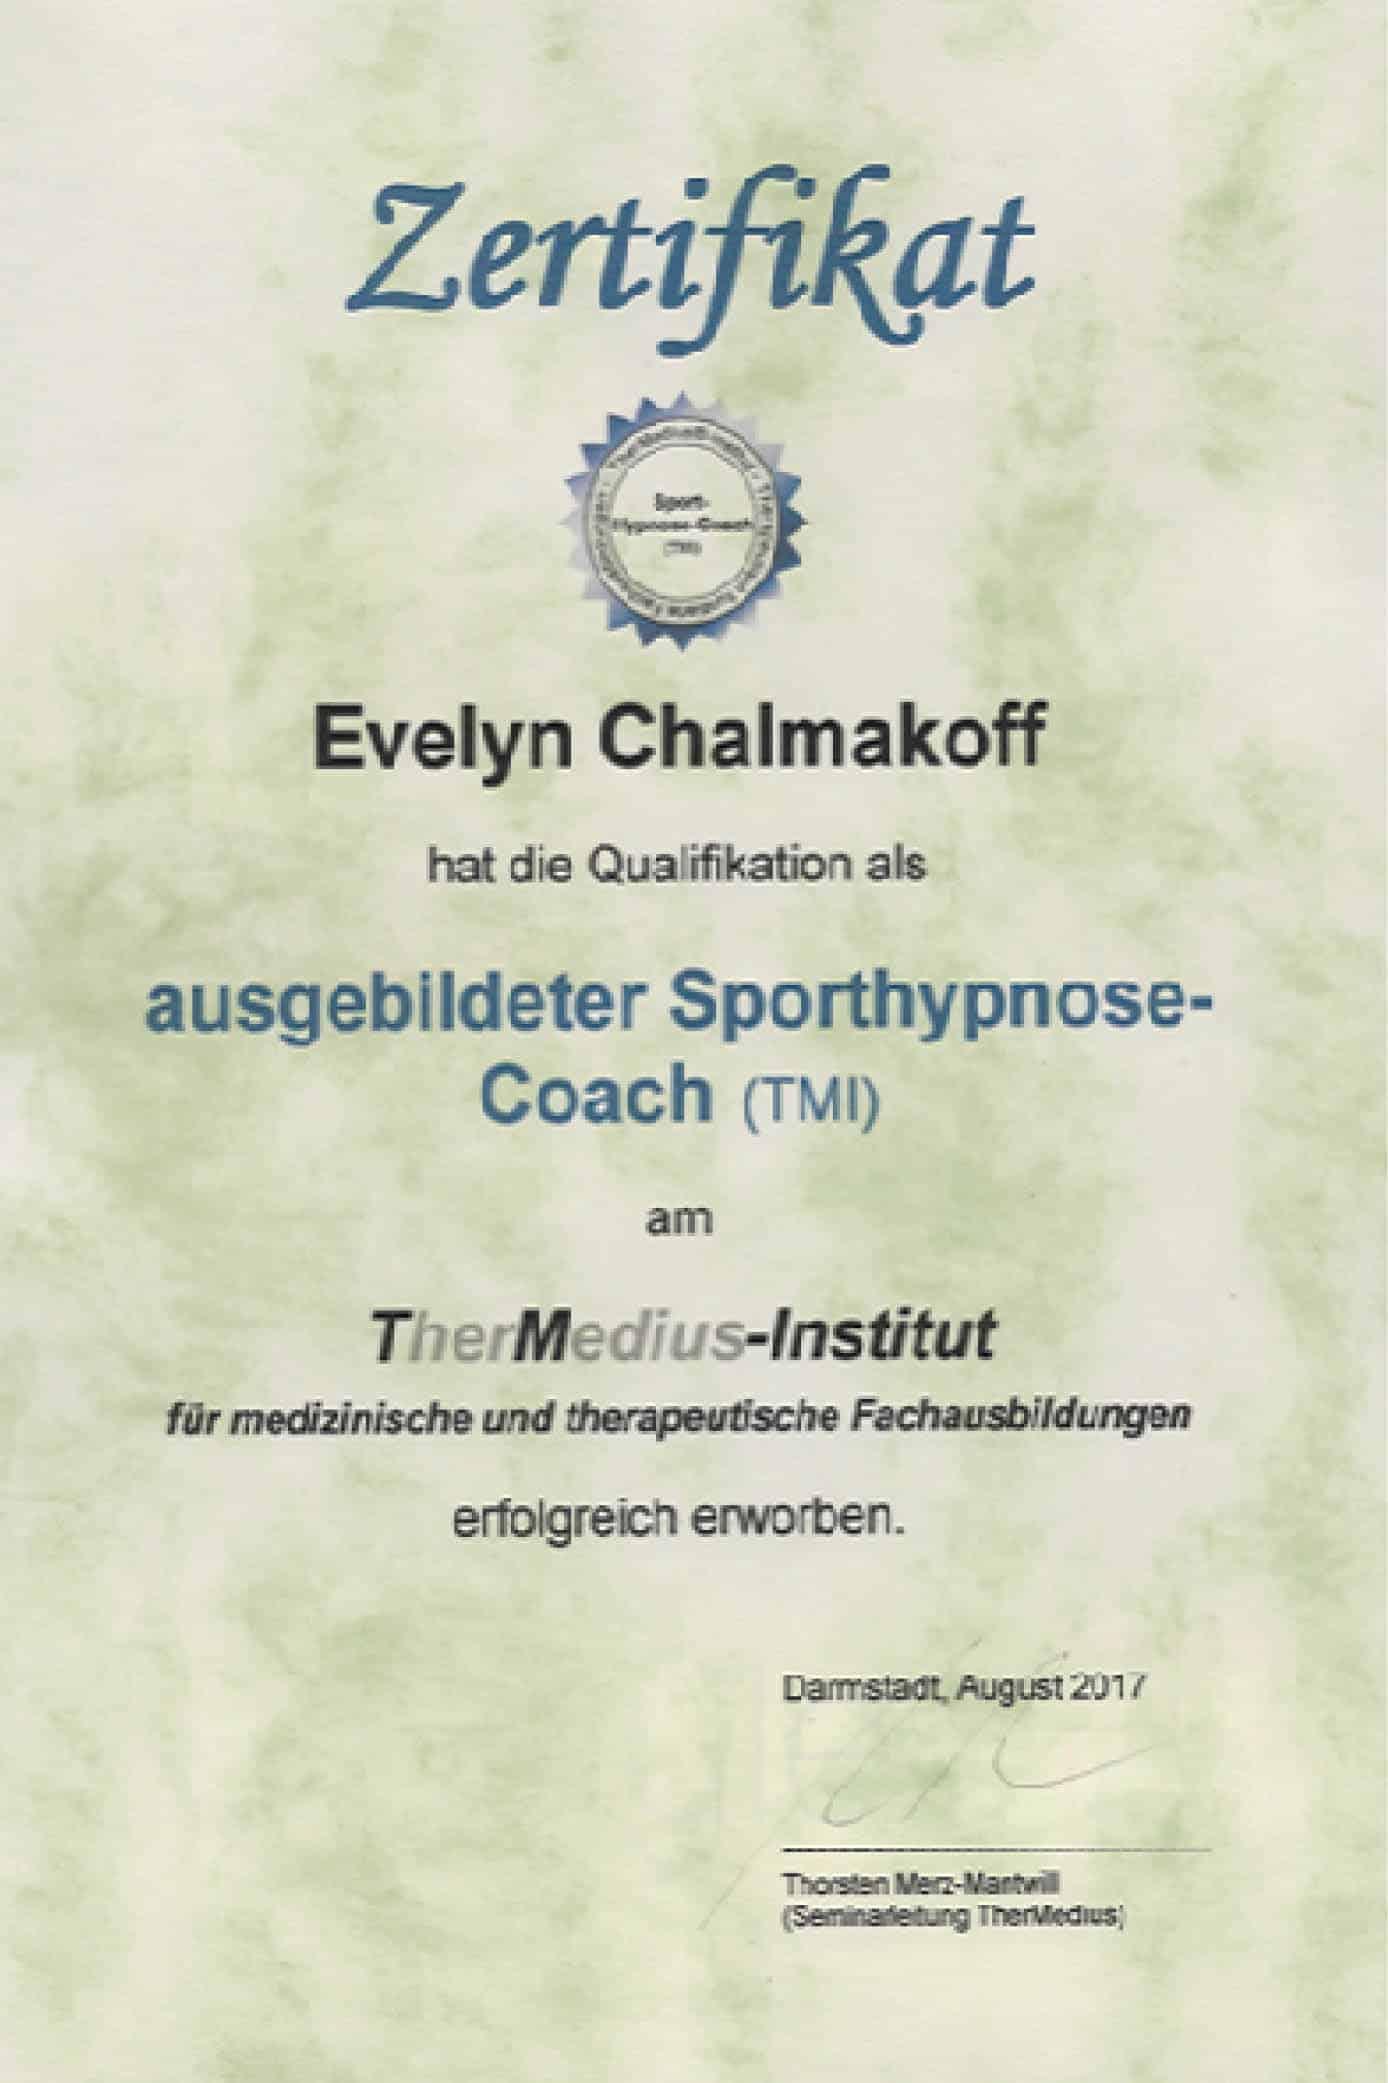 Hypnose-Coach & Sporthypnose-Coach